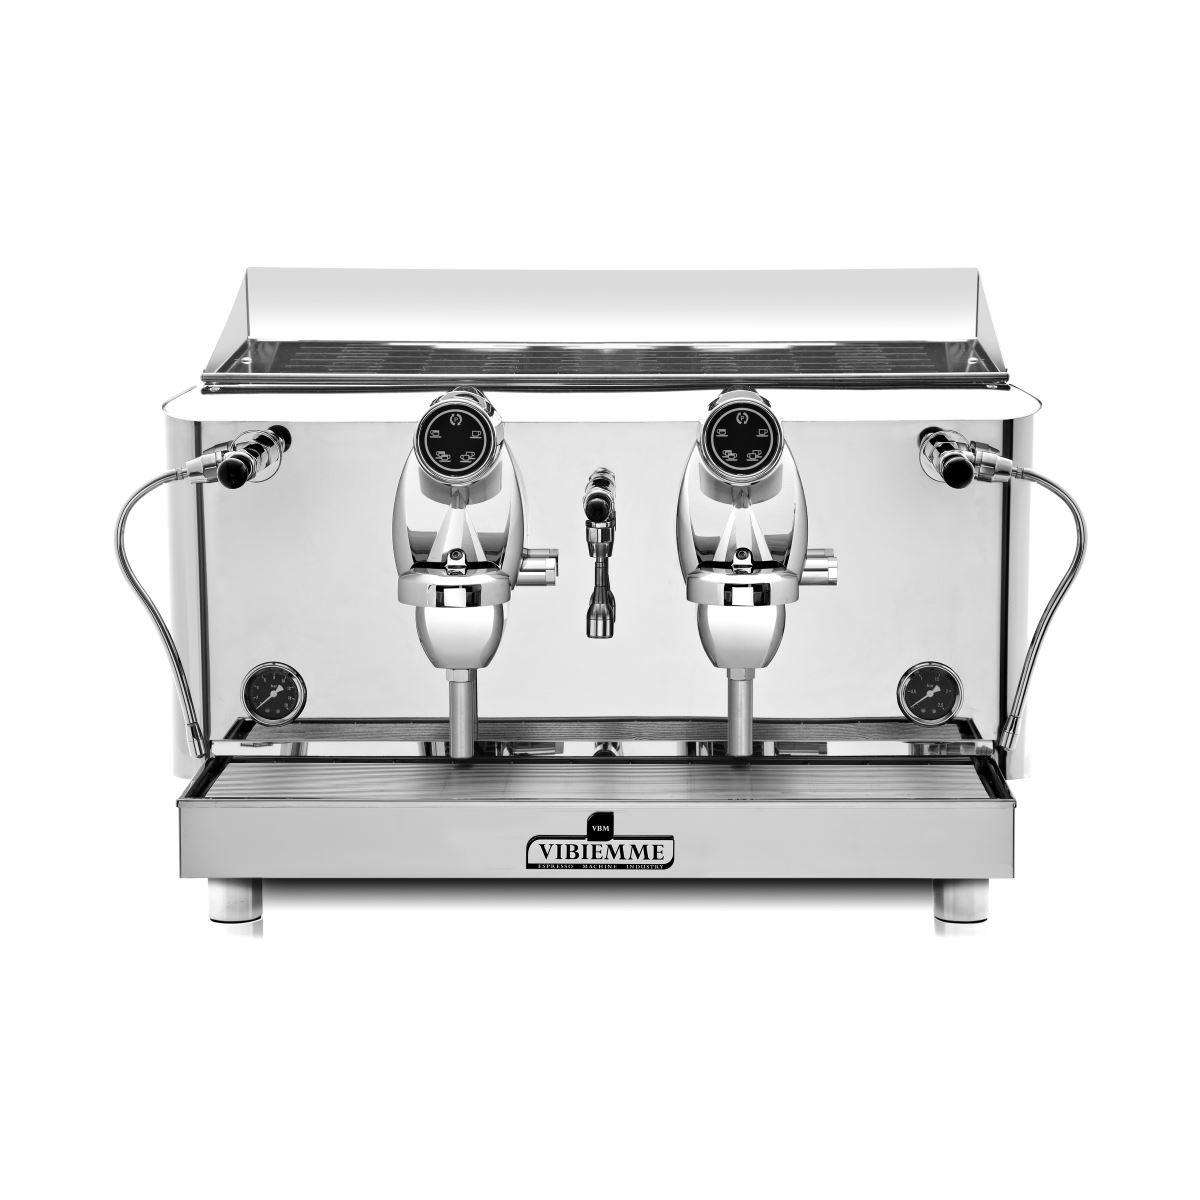 Espressor profesional Vibiemme Lollo Elettronica, 2 grupuri